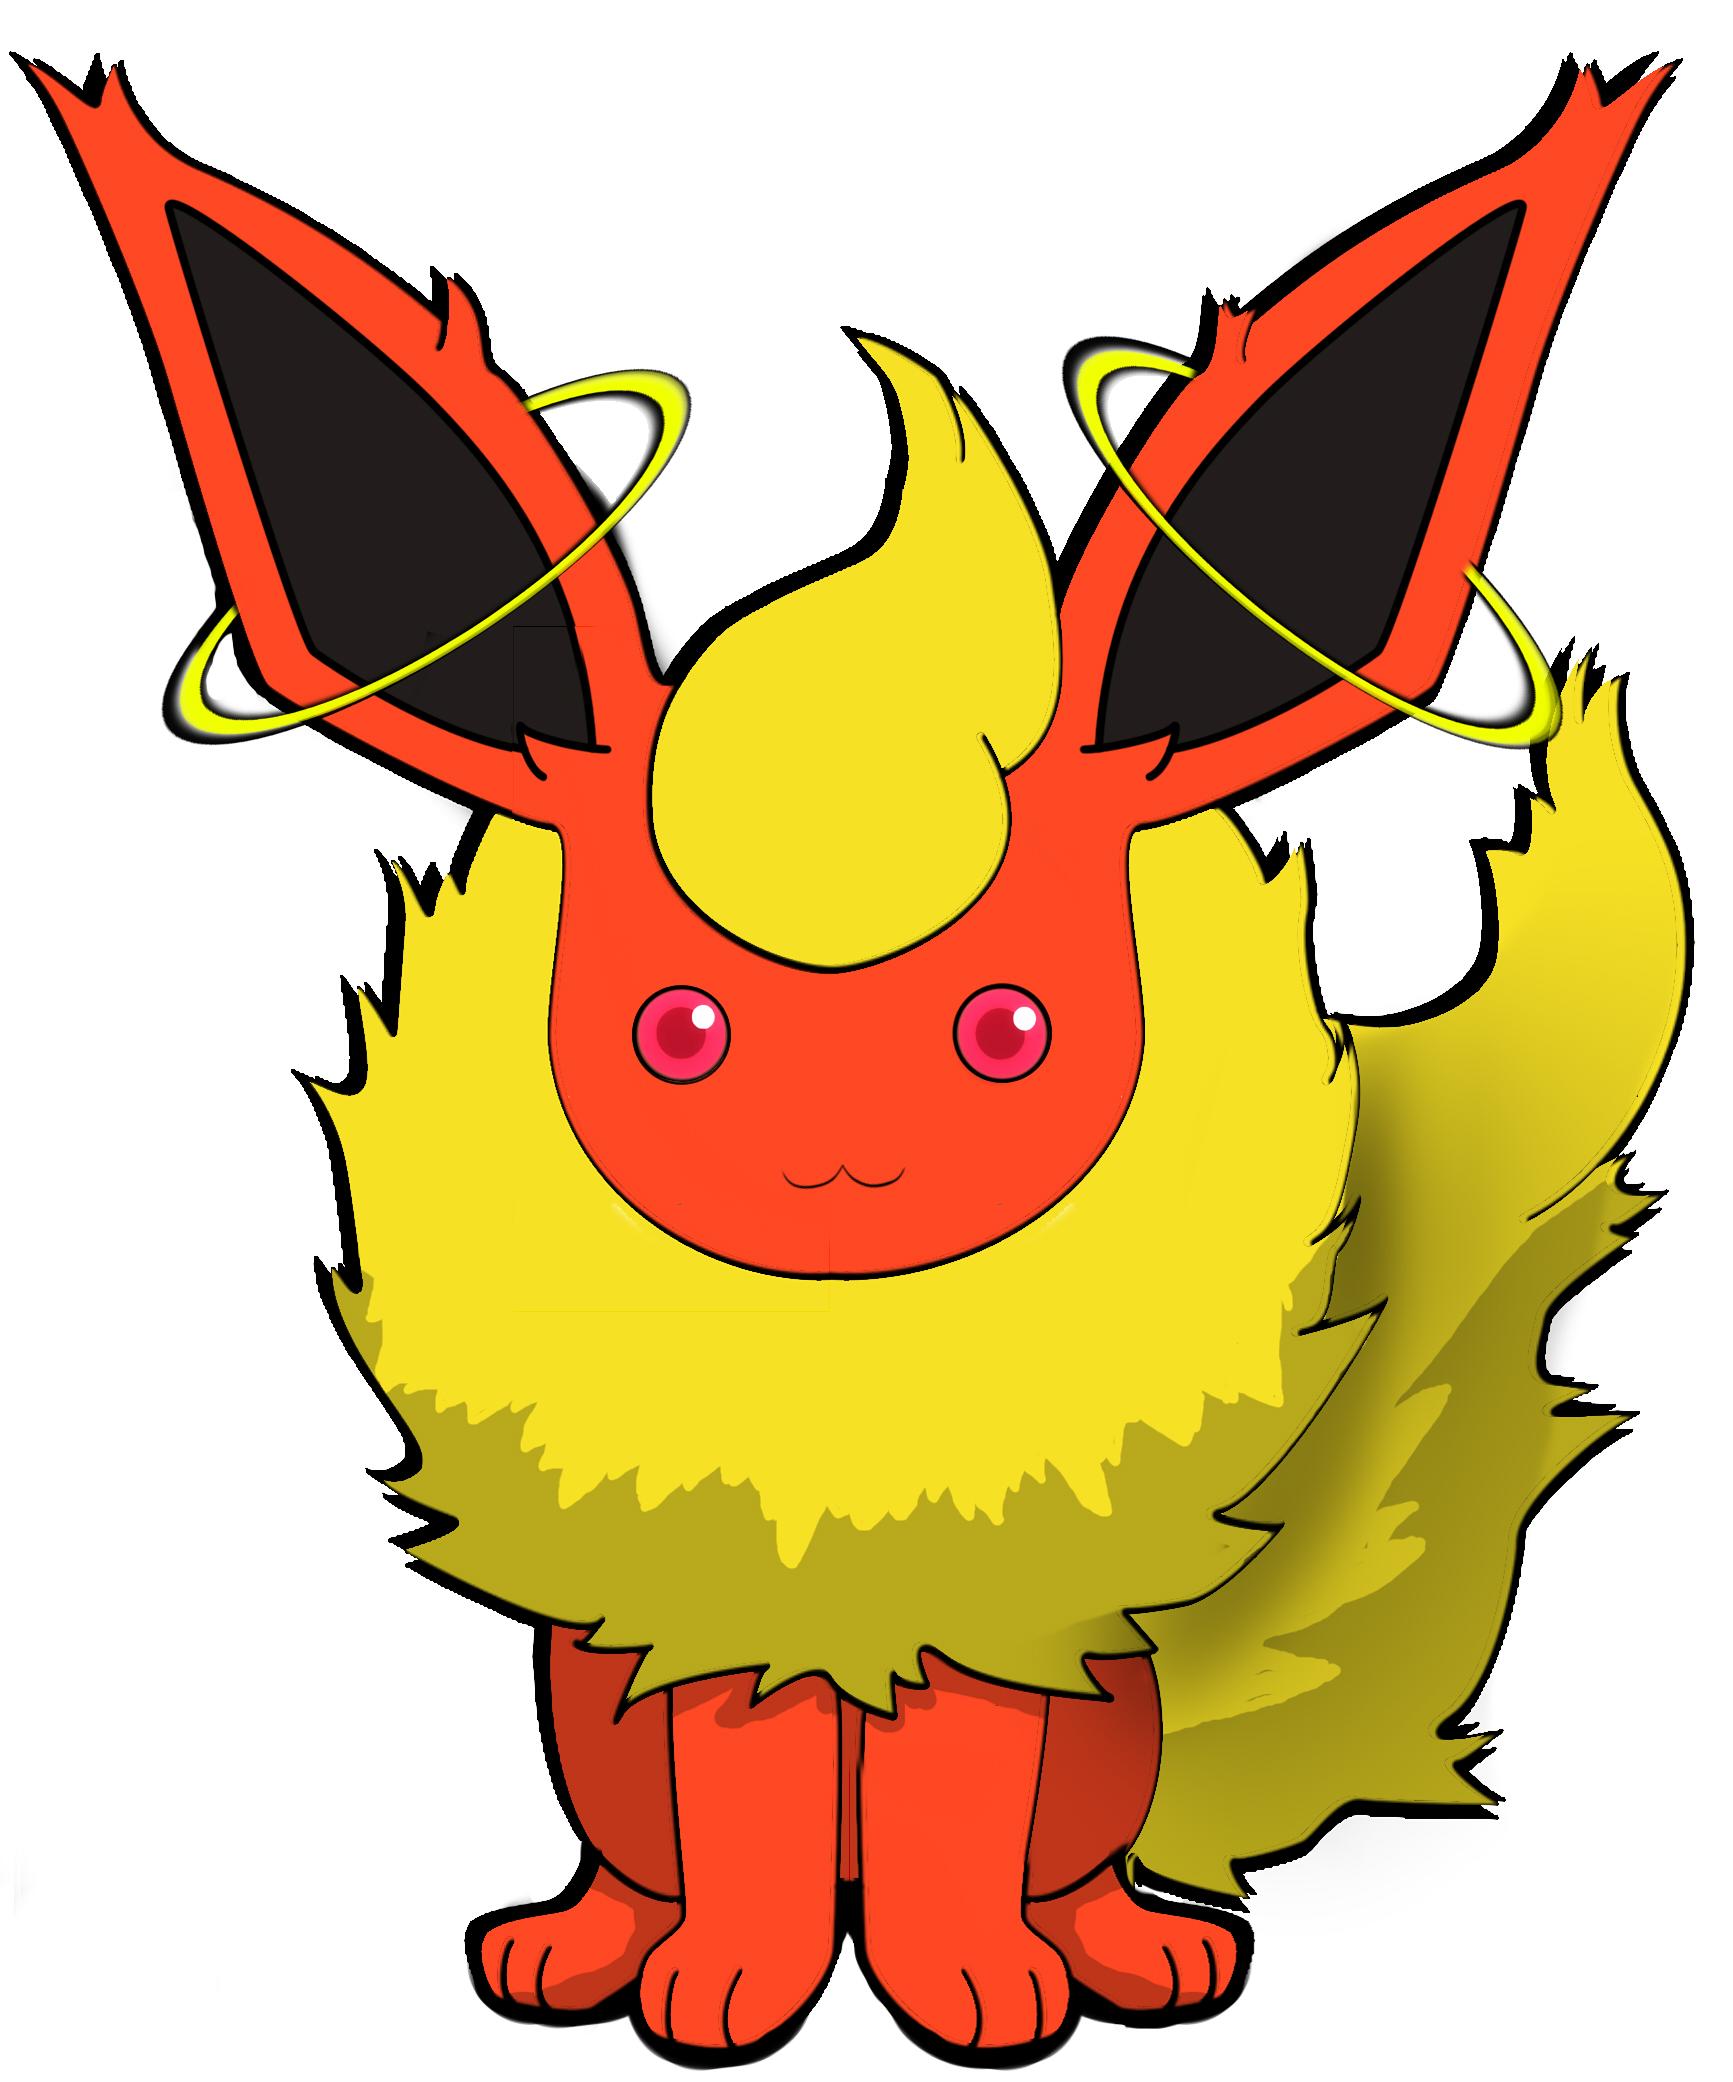 Gambar Pokemon All